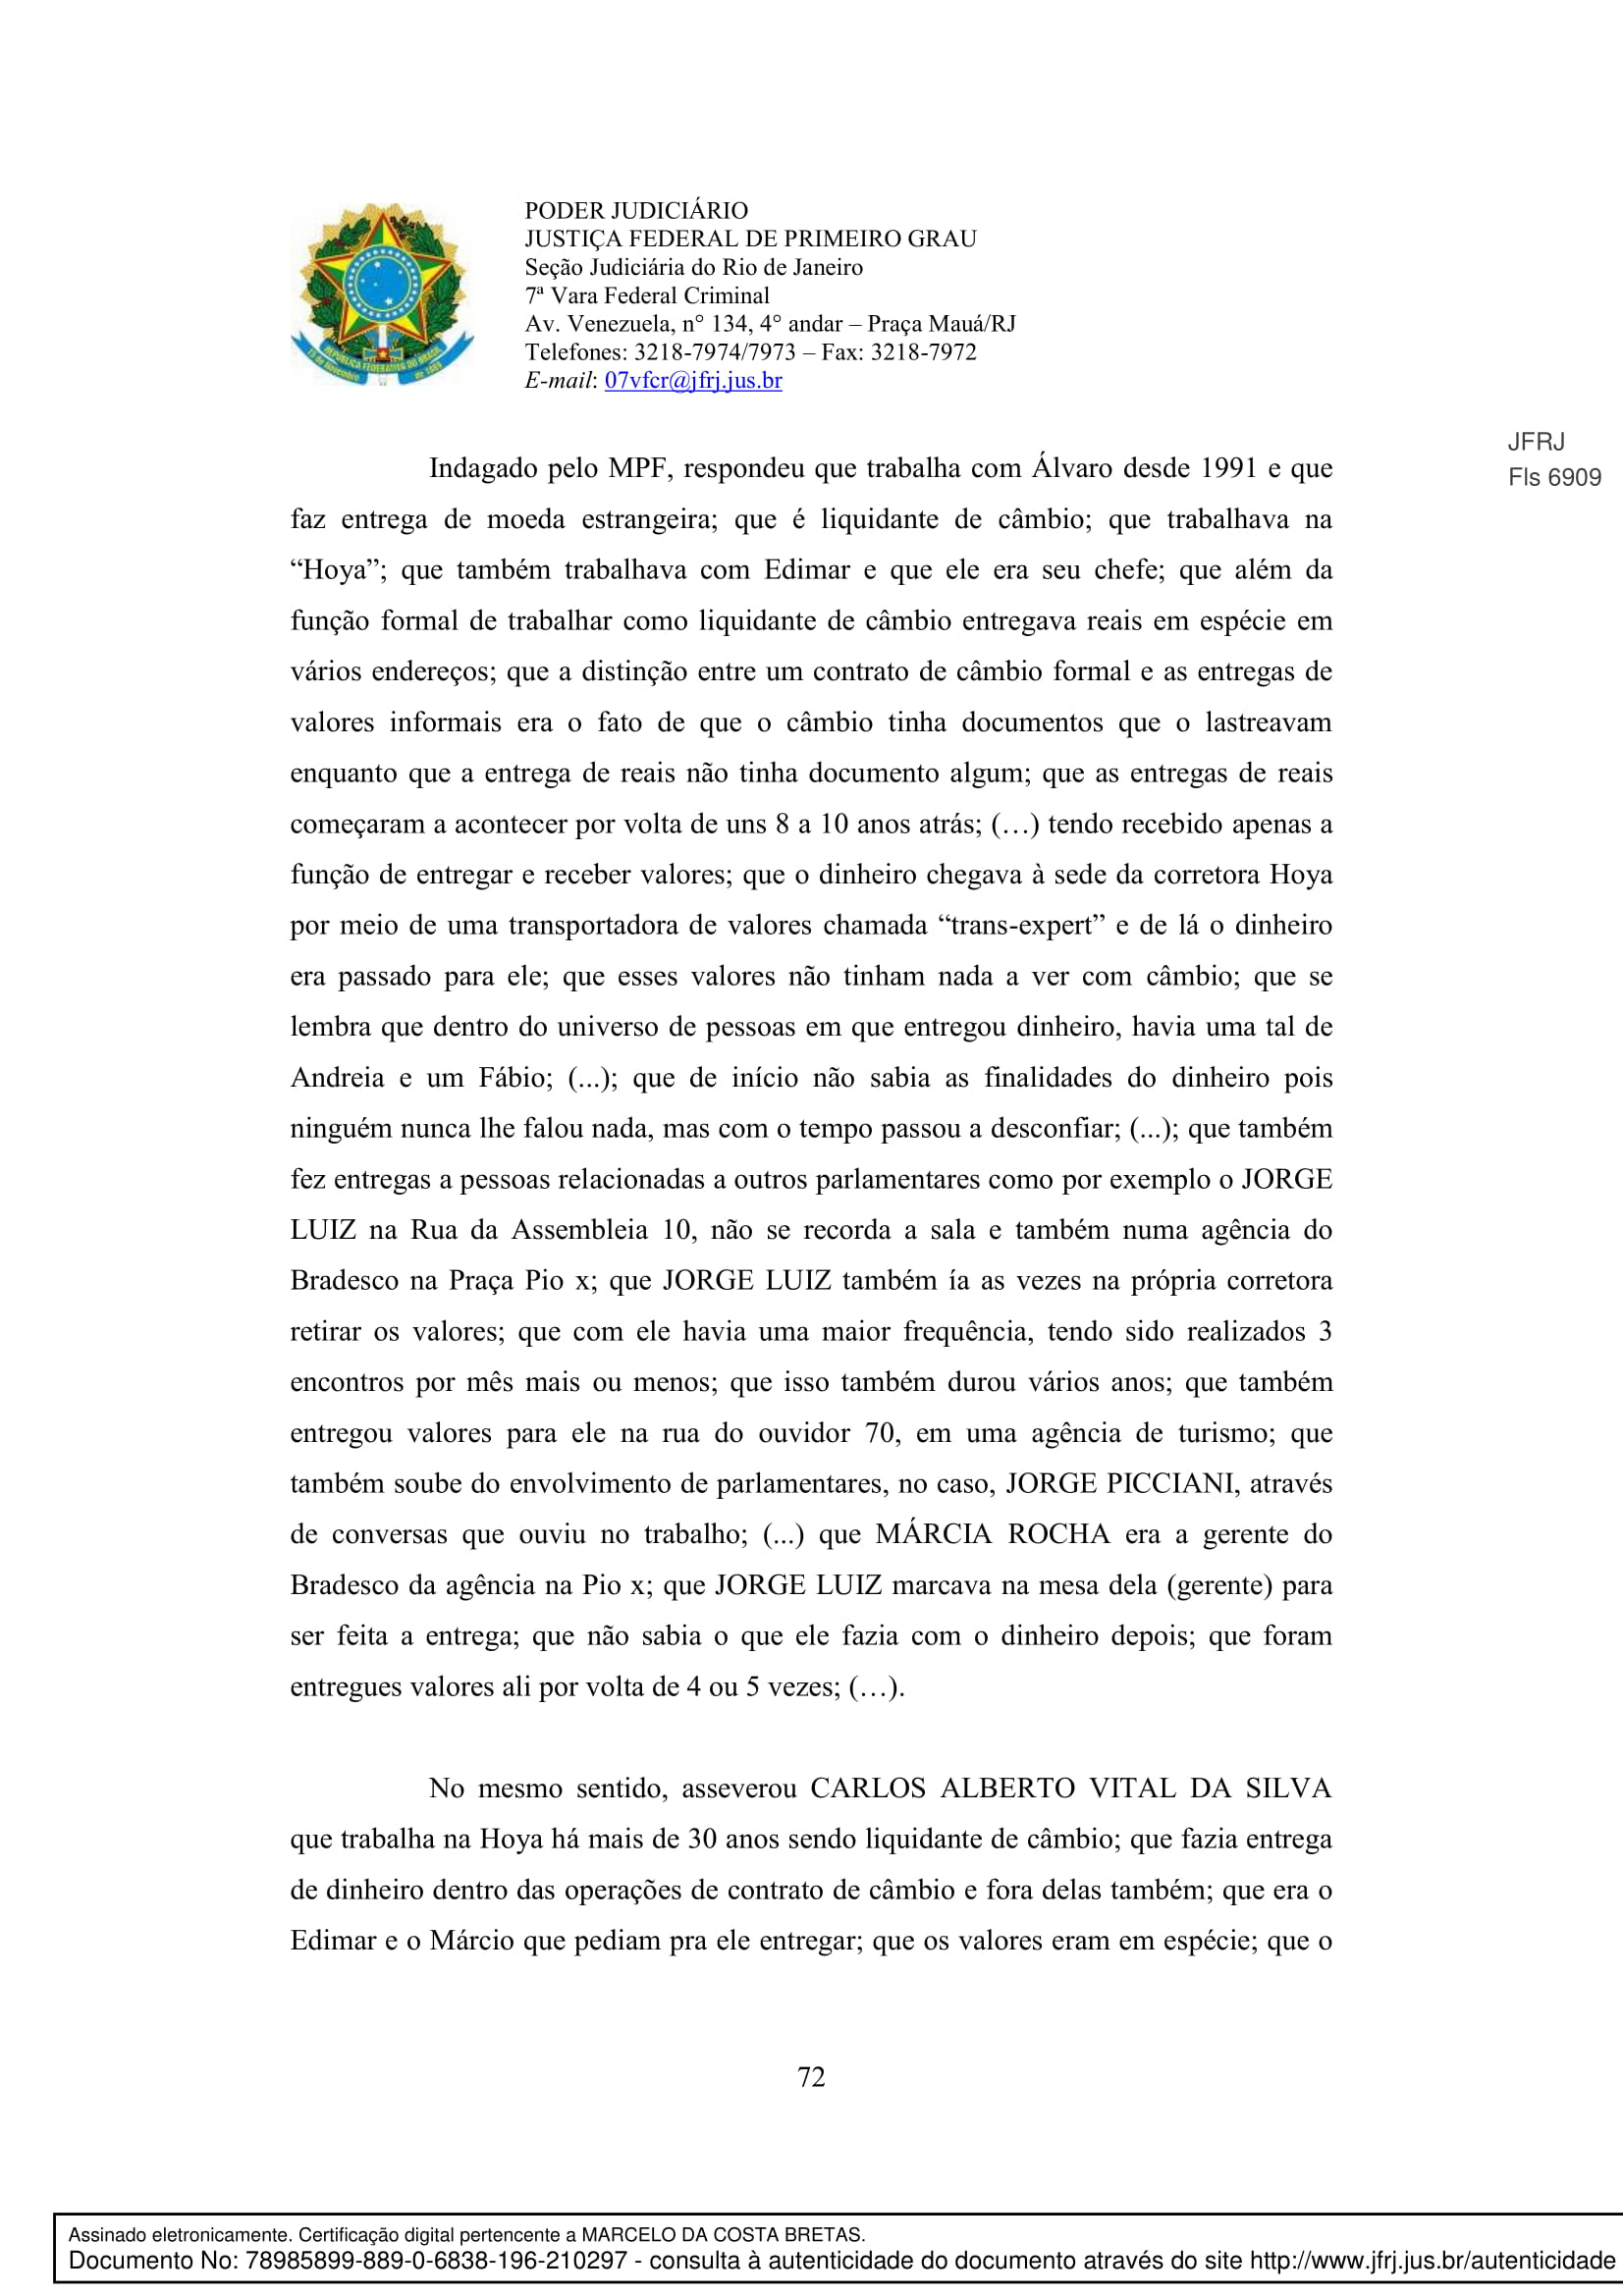 Sentenca-Cadeia-Velha-7VFC-072